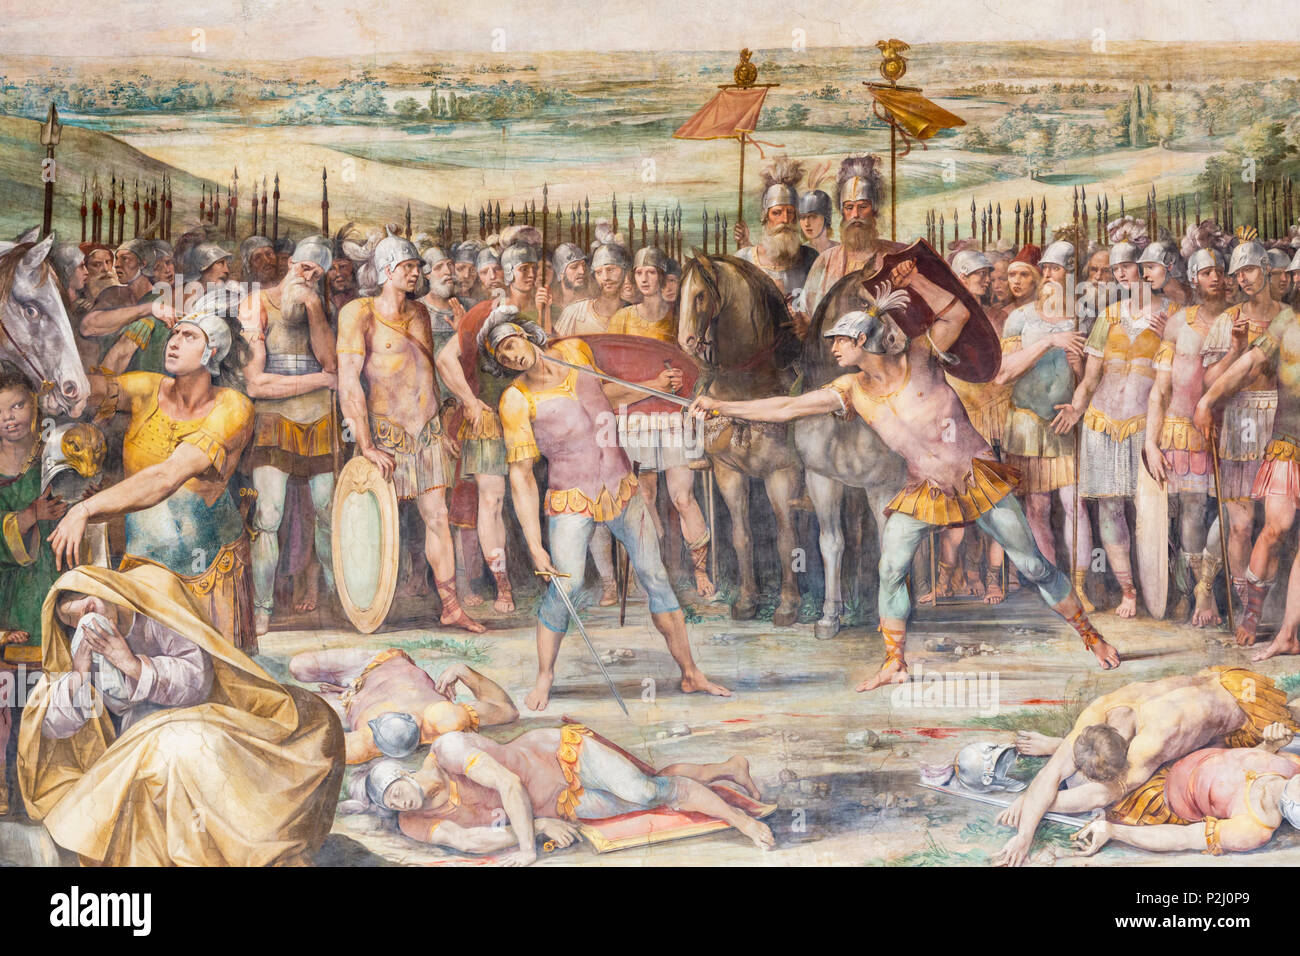 Rom, Italien. Die Kapitolinischen Museum. Kampf zwischen Horatii und Curiatii, ein Fresko in der Großen Halle, die auch als Horatii und Curatii Zimmer bekannt. Pa Stockbild